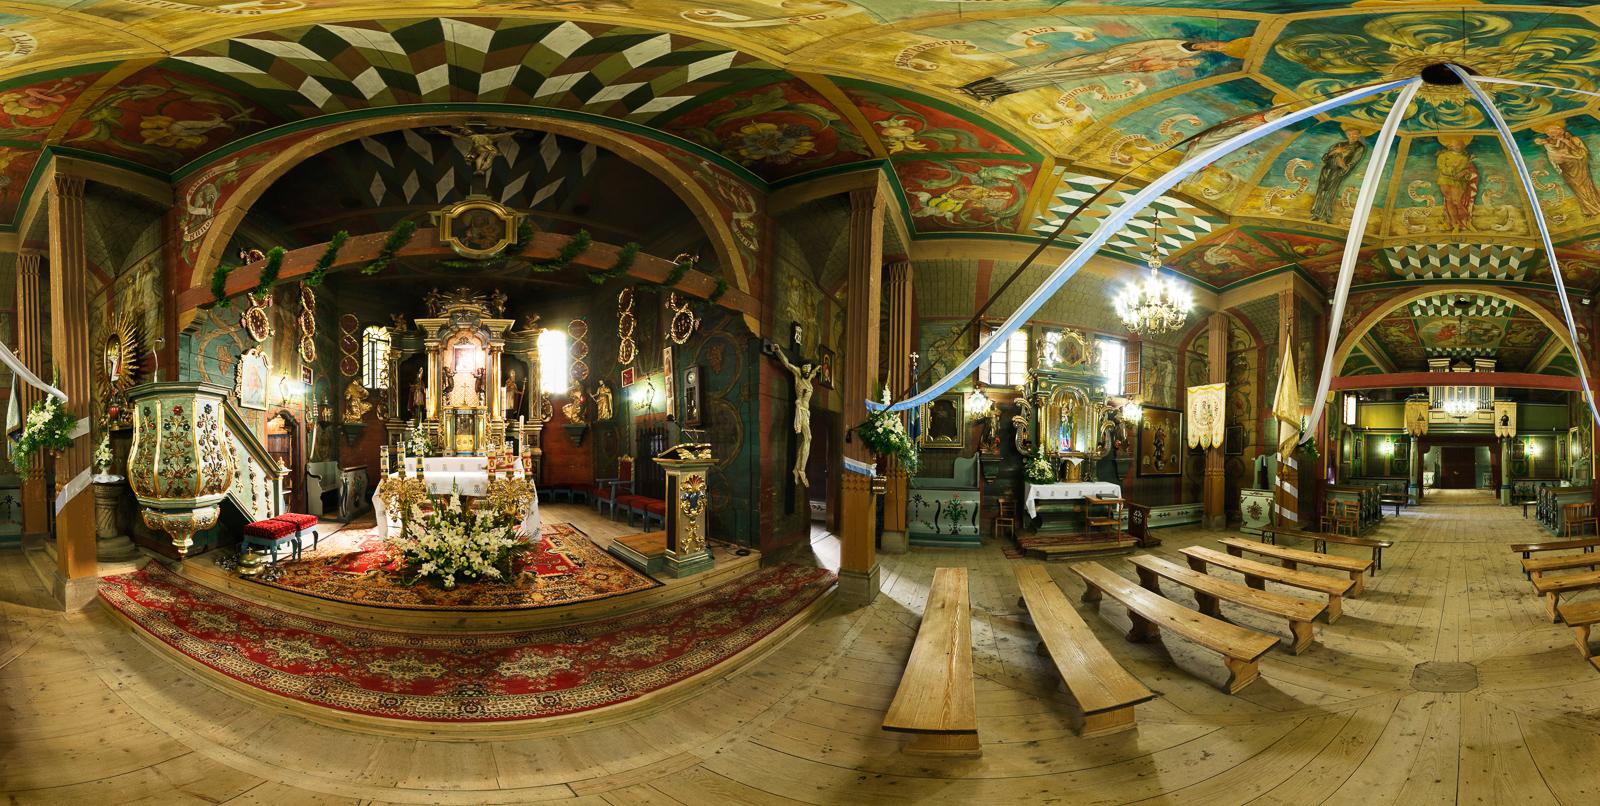 Kościół Wszystkich Świętych, Ptaszkowa ©www.pan-foto.com